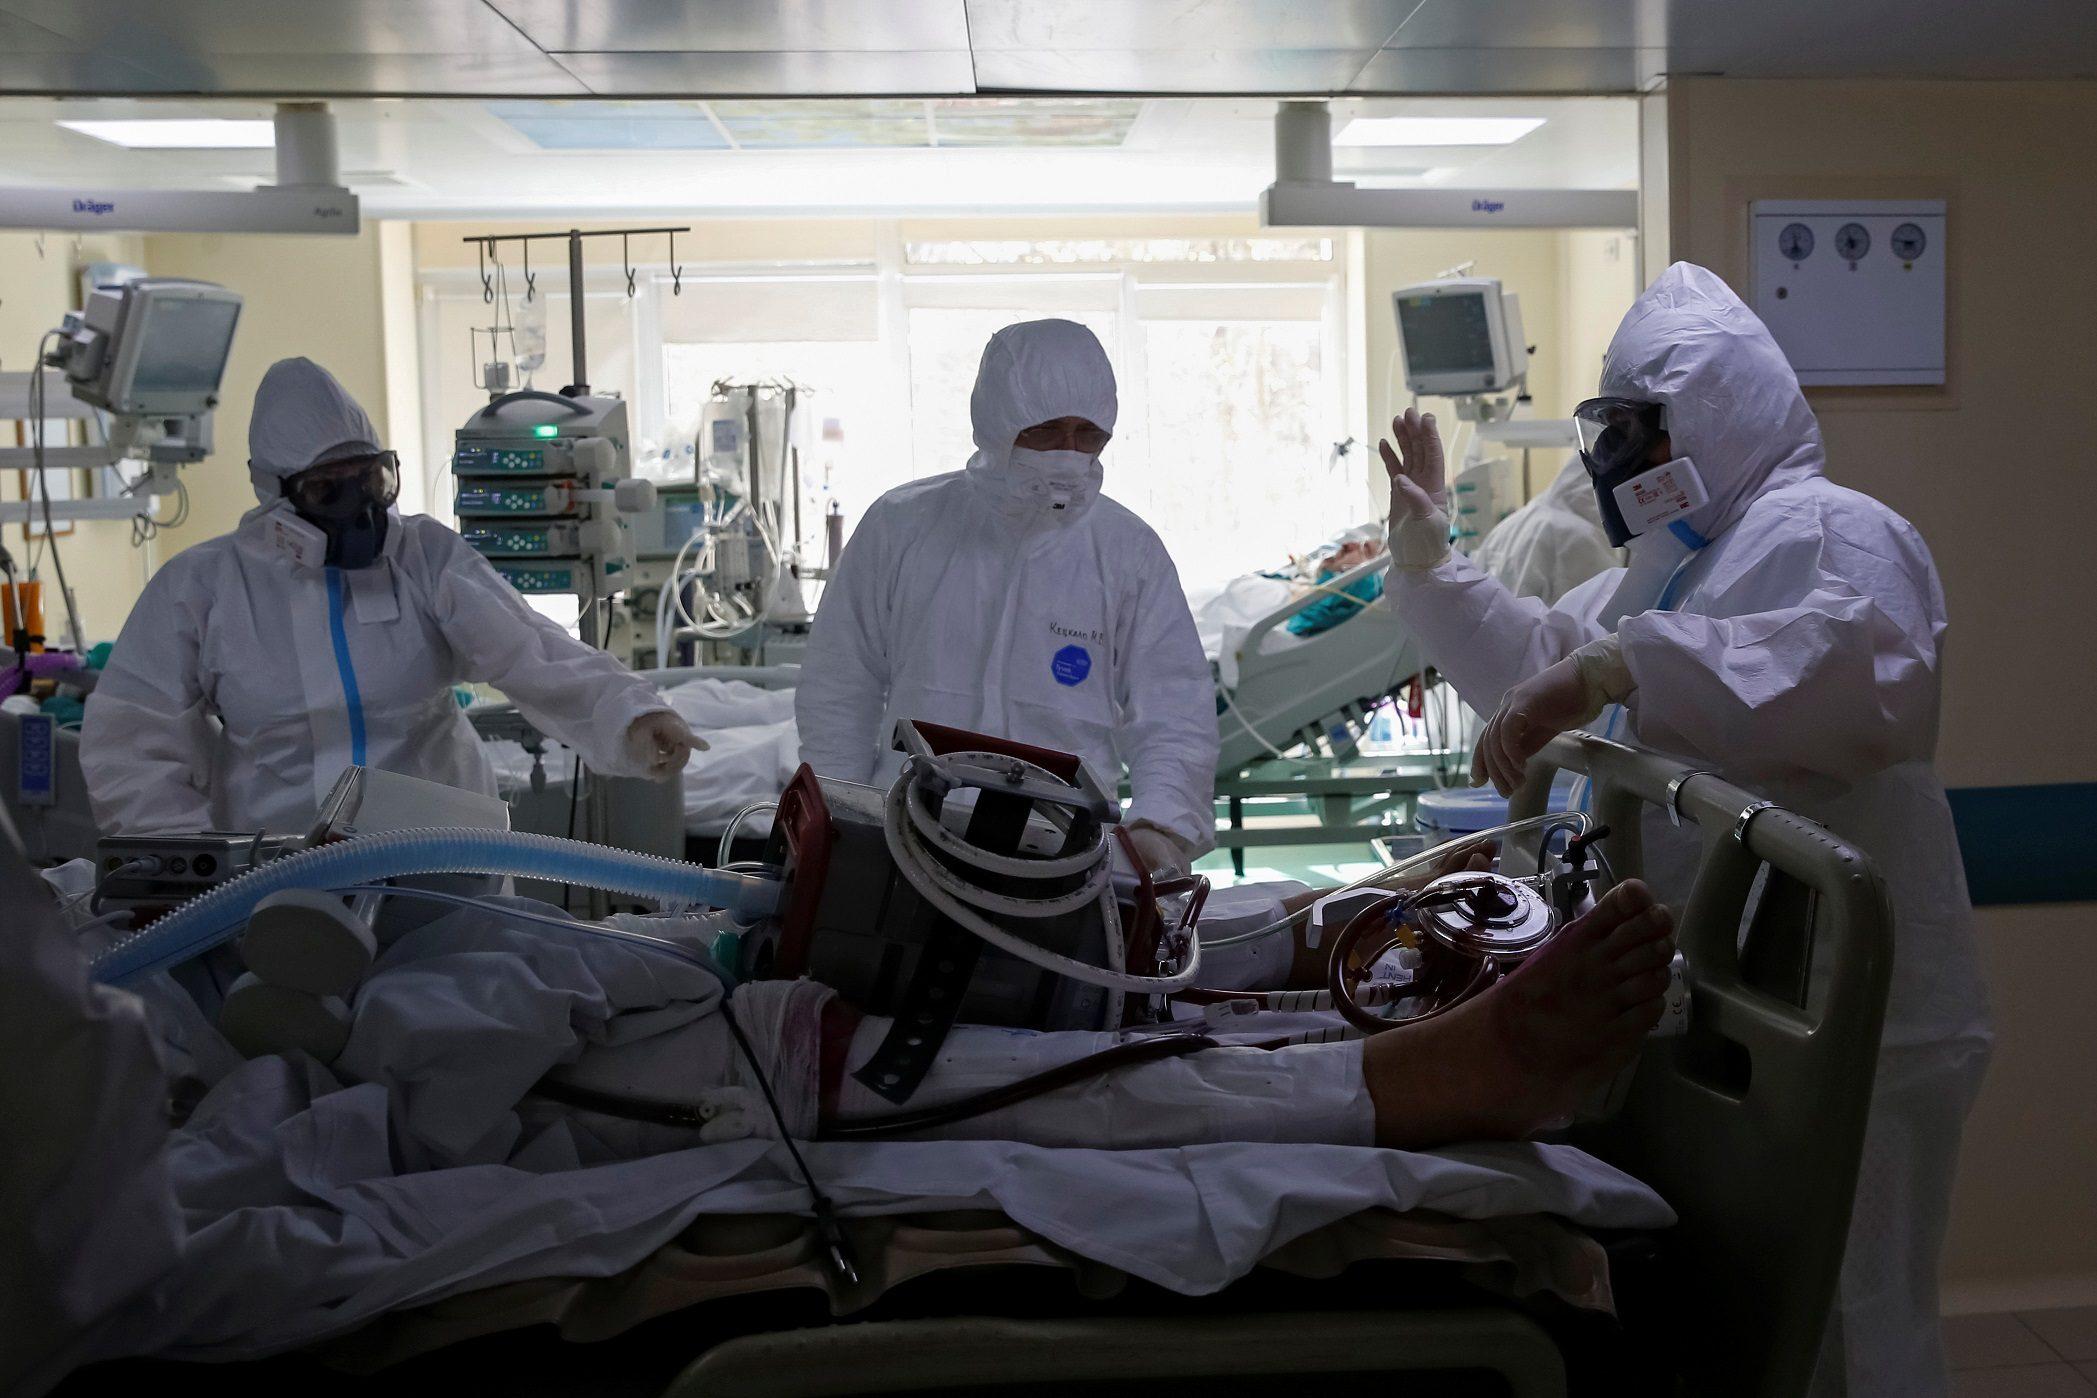 รัสเซียทำสถิติใหม่ วันเดียวป่วยโควิด-19 เพิ่มขึ้นกว่าหมื่นราย